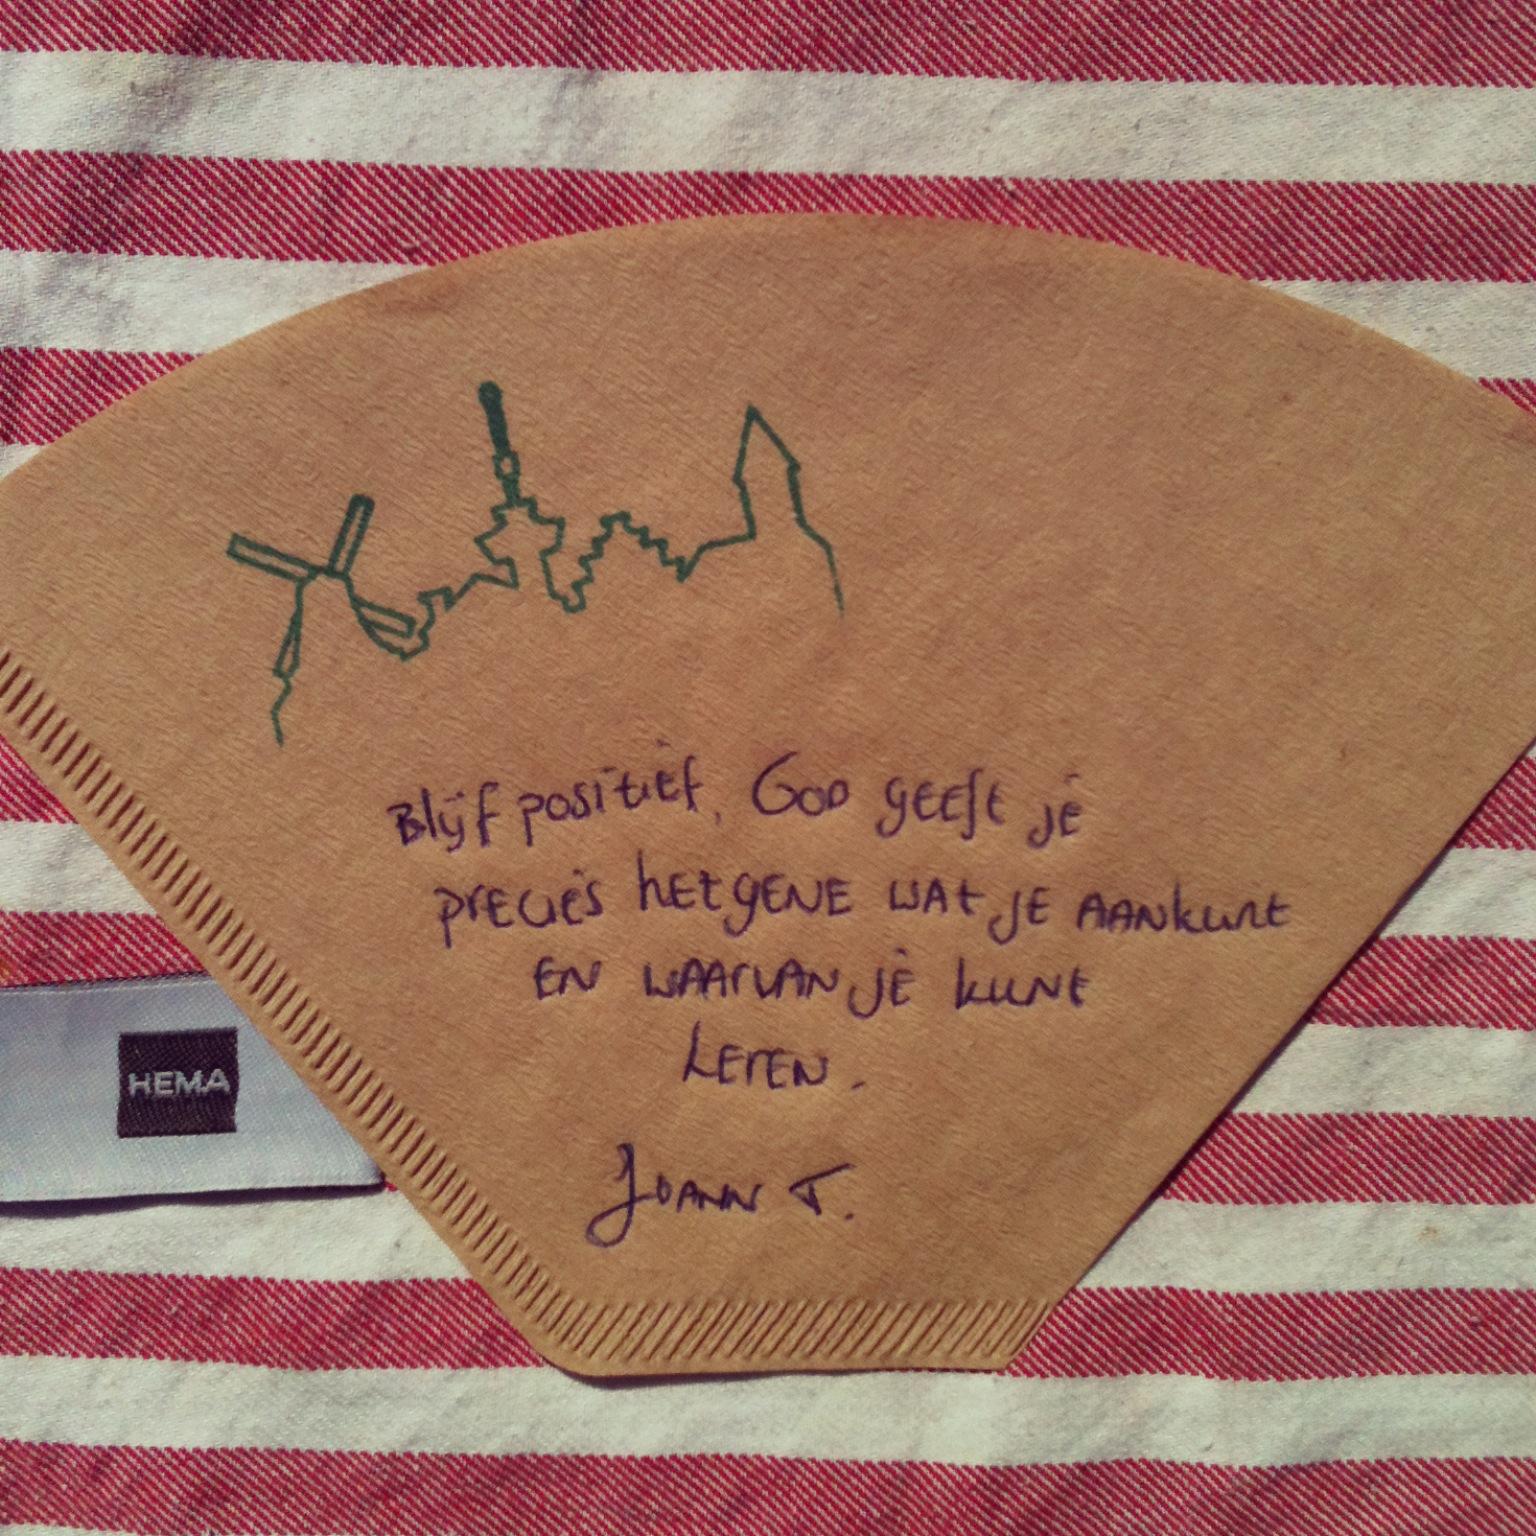 de Koffiefilter van Joann Trustfull door Marie Louise van Dorp